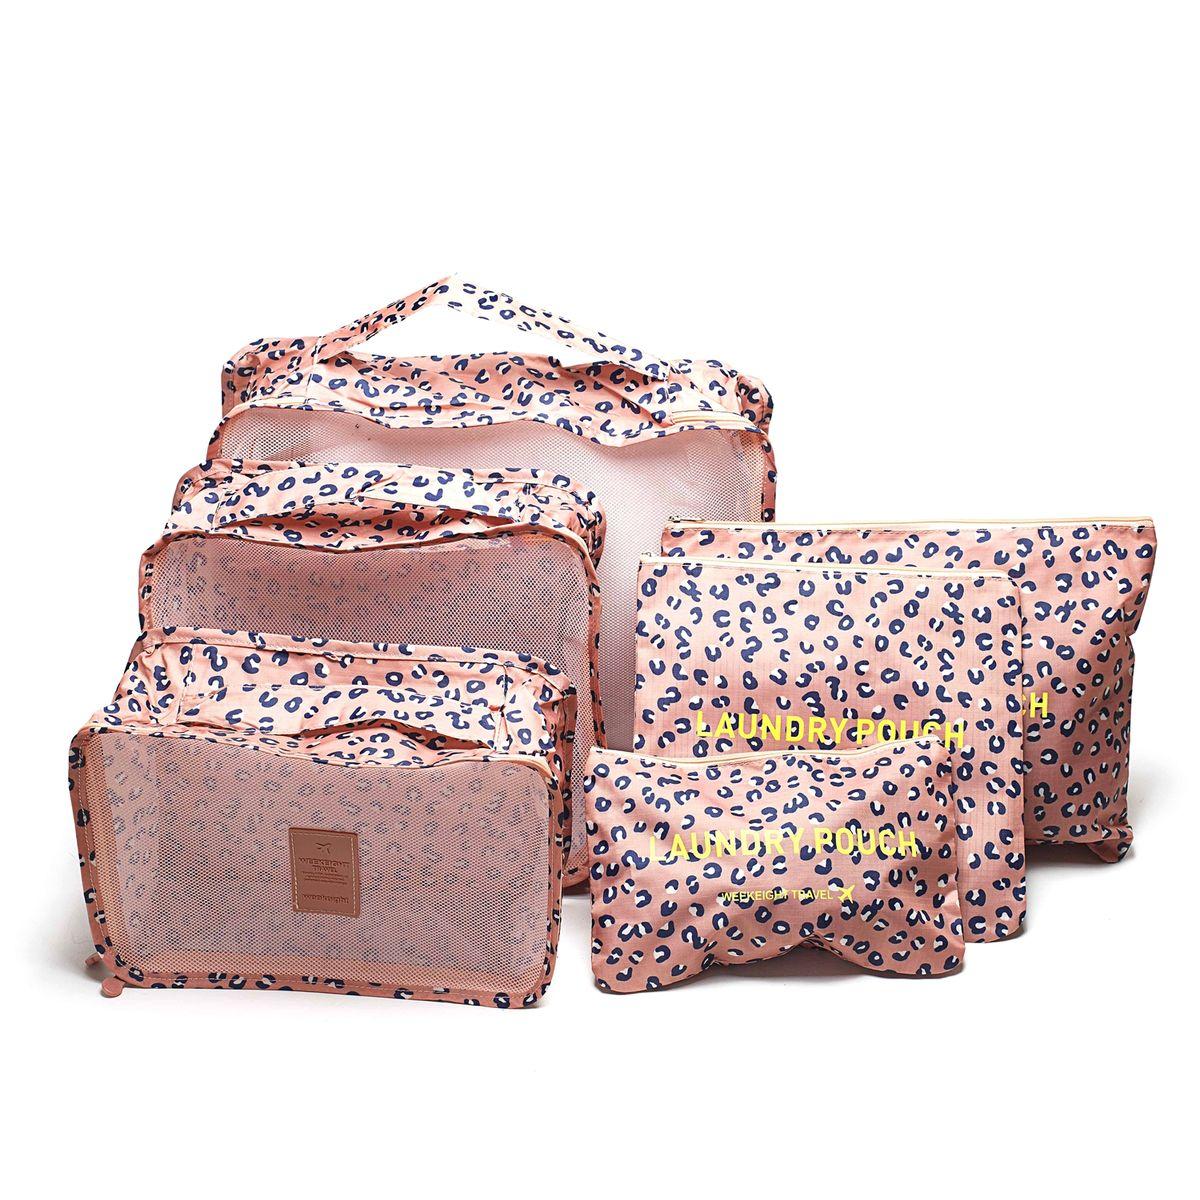 Набор органайзеров для багажа Homsu Леопард, 6 предметовCLP446Набор органайзеров для багажа Homsu Леопард выполнен из полиэстера и оснащен молниями. В комплекте собраны органайзеры для бюстгальтеров, нижнего белья, носков, одежды, косметики. Вы сможете распределить все вещи, которые возьмете с собой таким образом, чтобы всегда иметь быстрый доступ к ним. Органайзеры надежно защитят от пыли, грязи, влажности или механических повреждений. Размеры органайзеров: 40 x 30 x 12 см; 30 x 28 x 13 см; 30 x 21 x 13 см; 35 x 27 см; 27 x 25 см; 26 x 16 см.